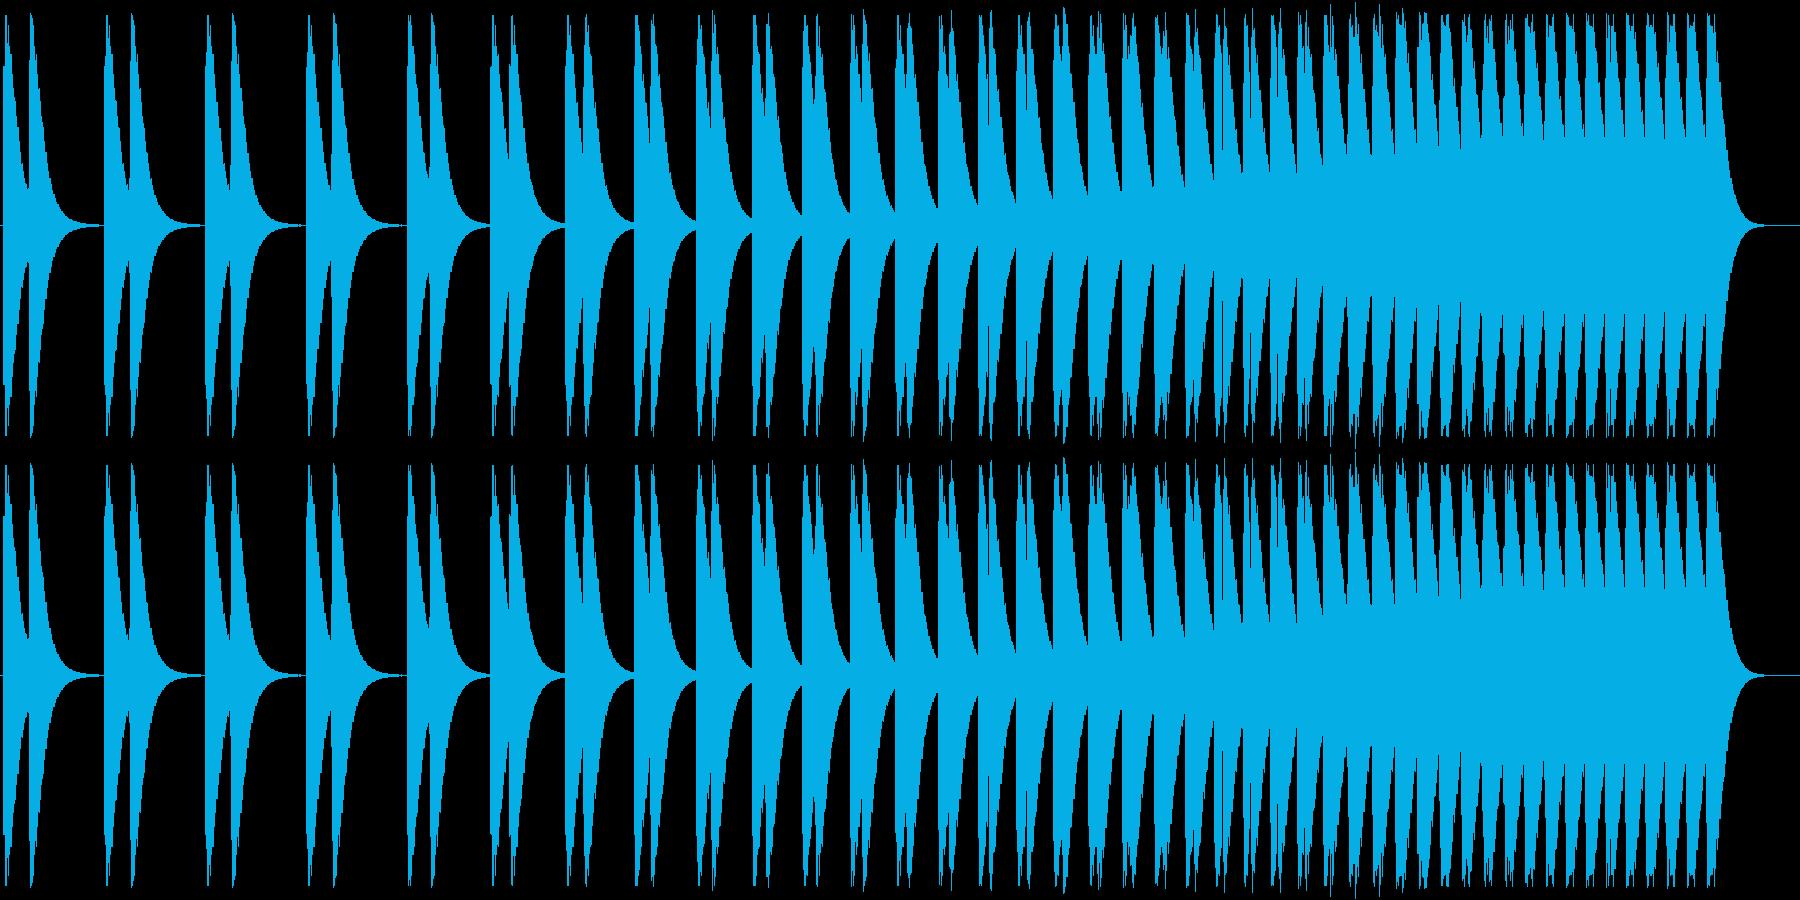 心臓の音(速くなる)の再生済みの波形